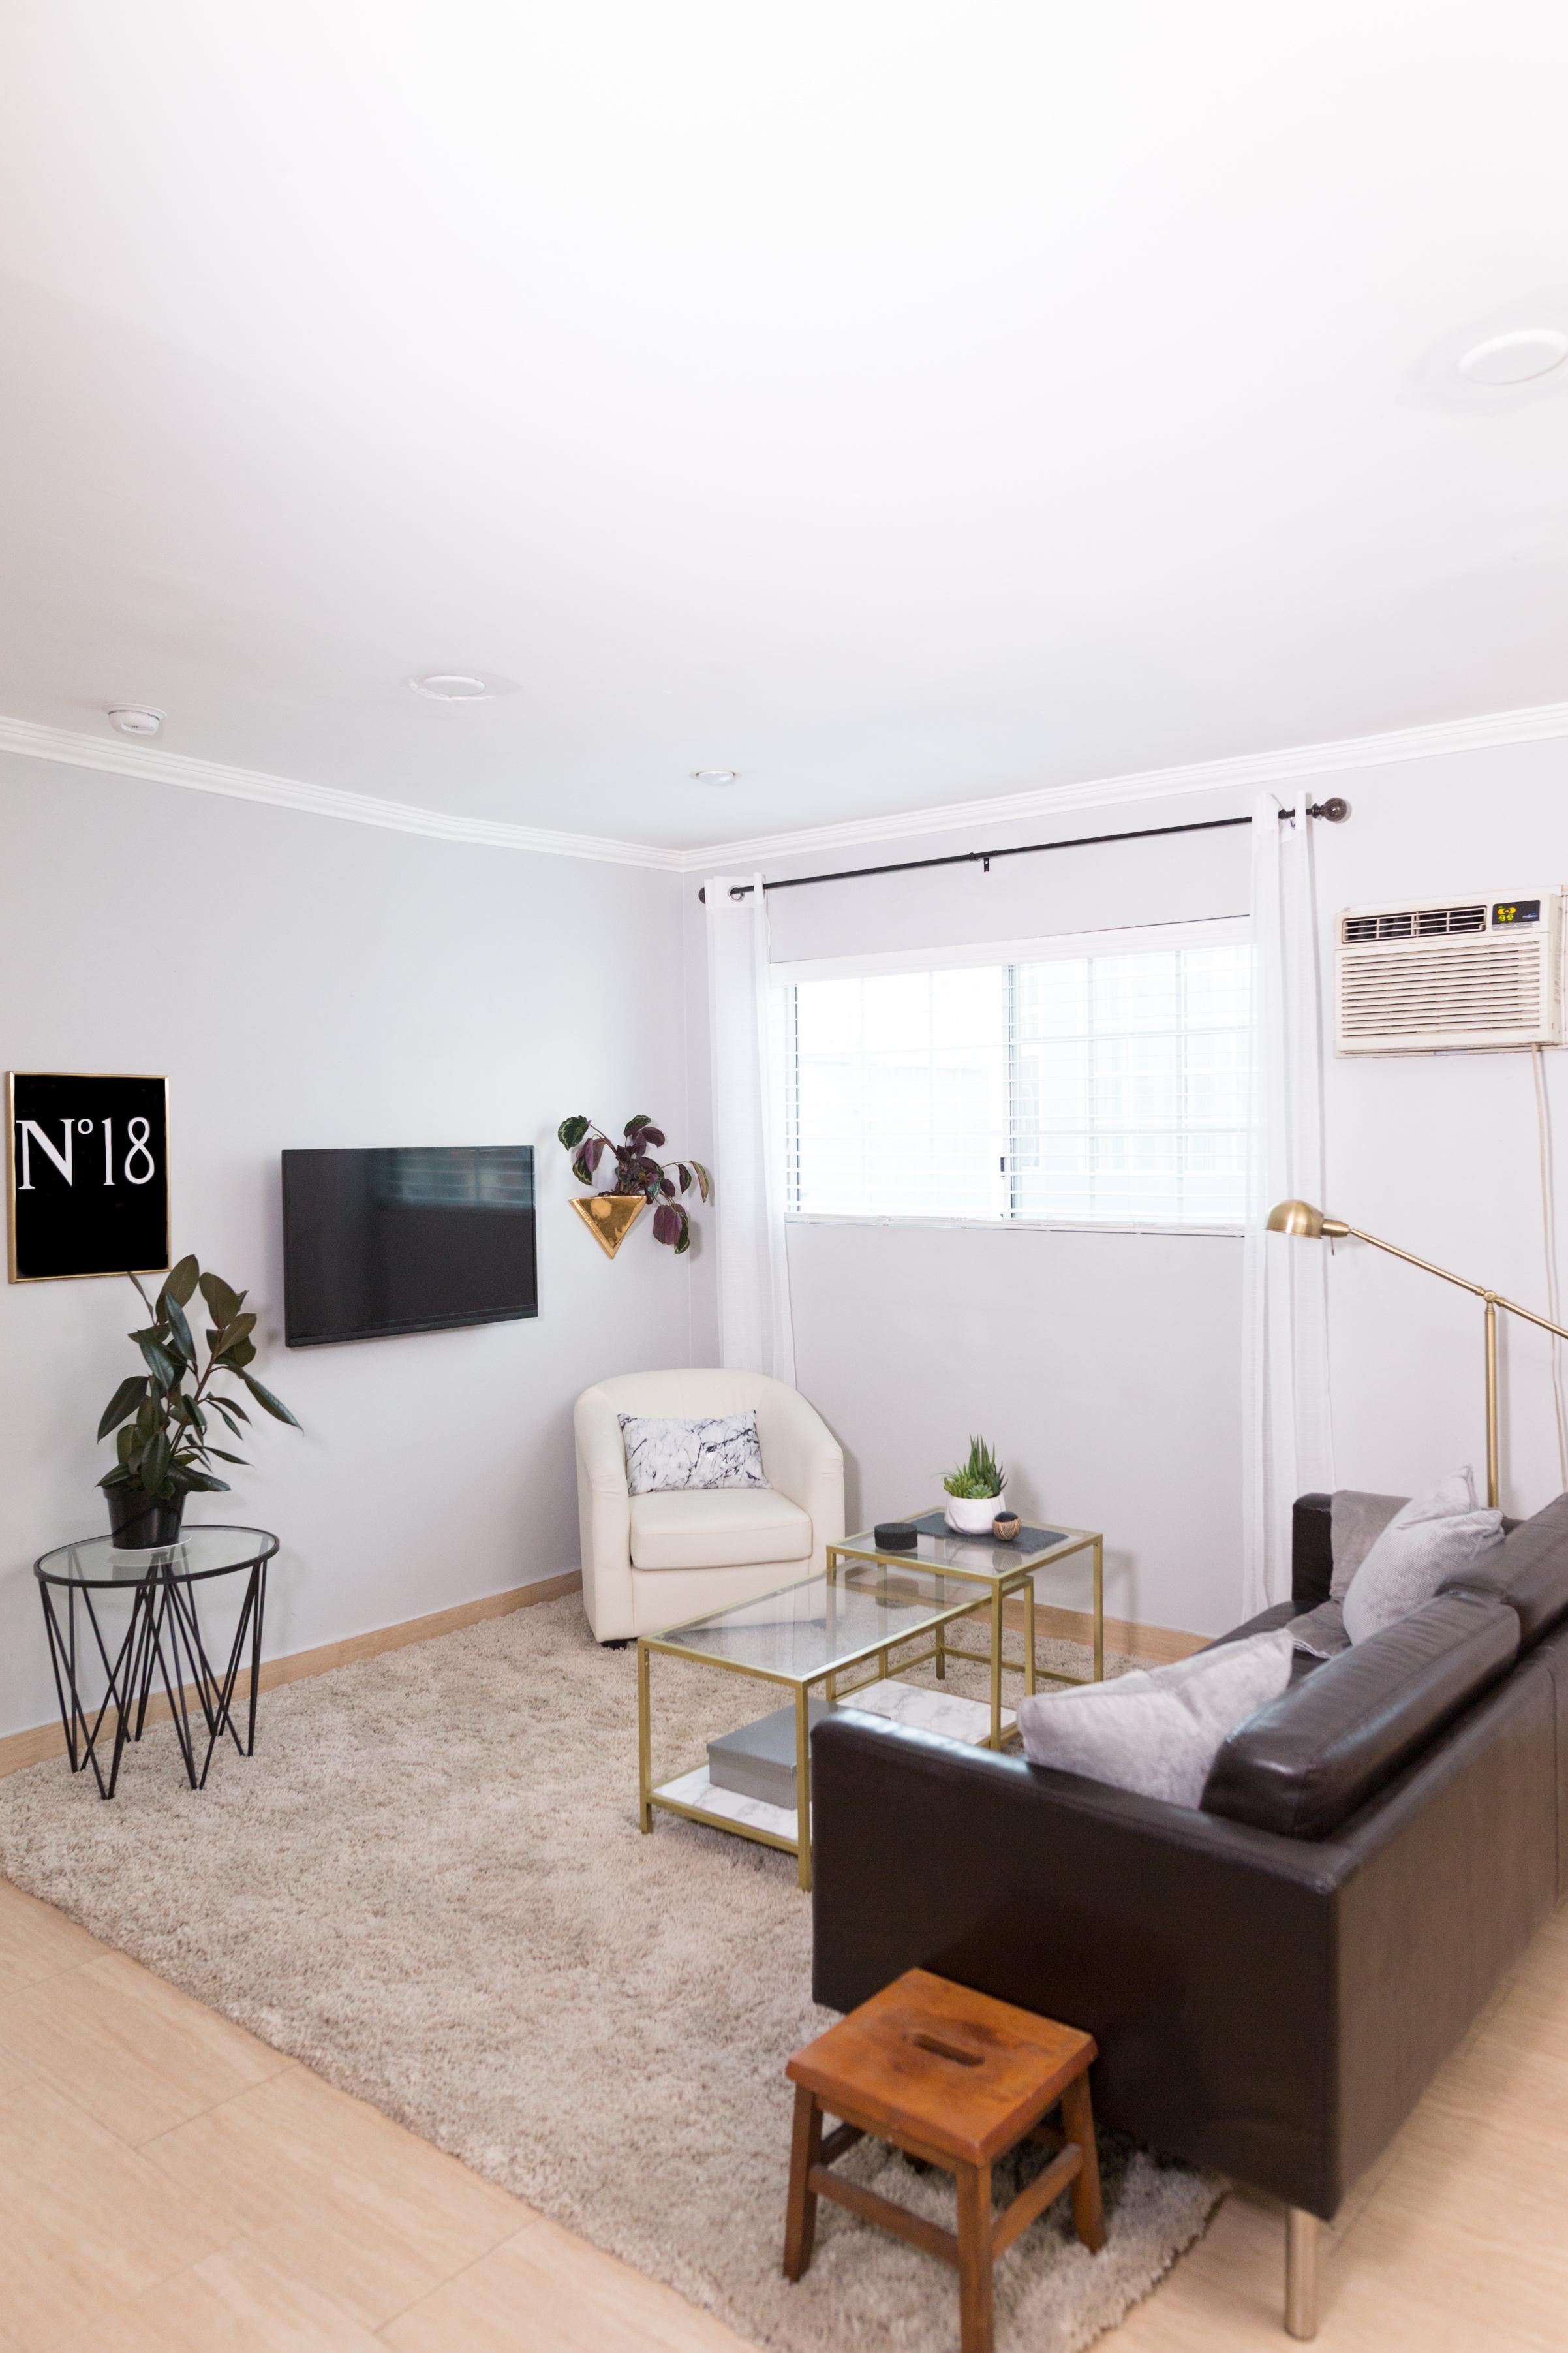 Mr. Kate - Tumblr Minimalist Living Room on a Budget!